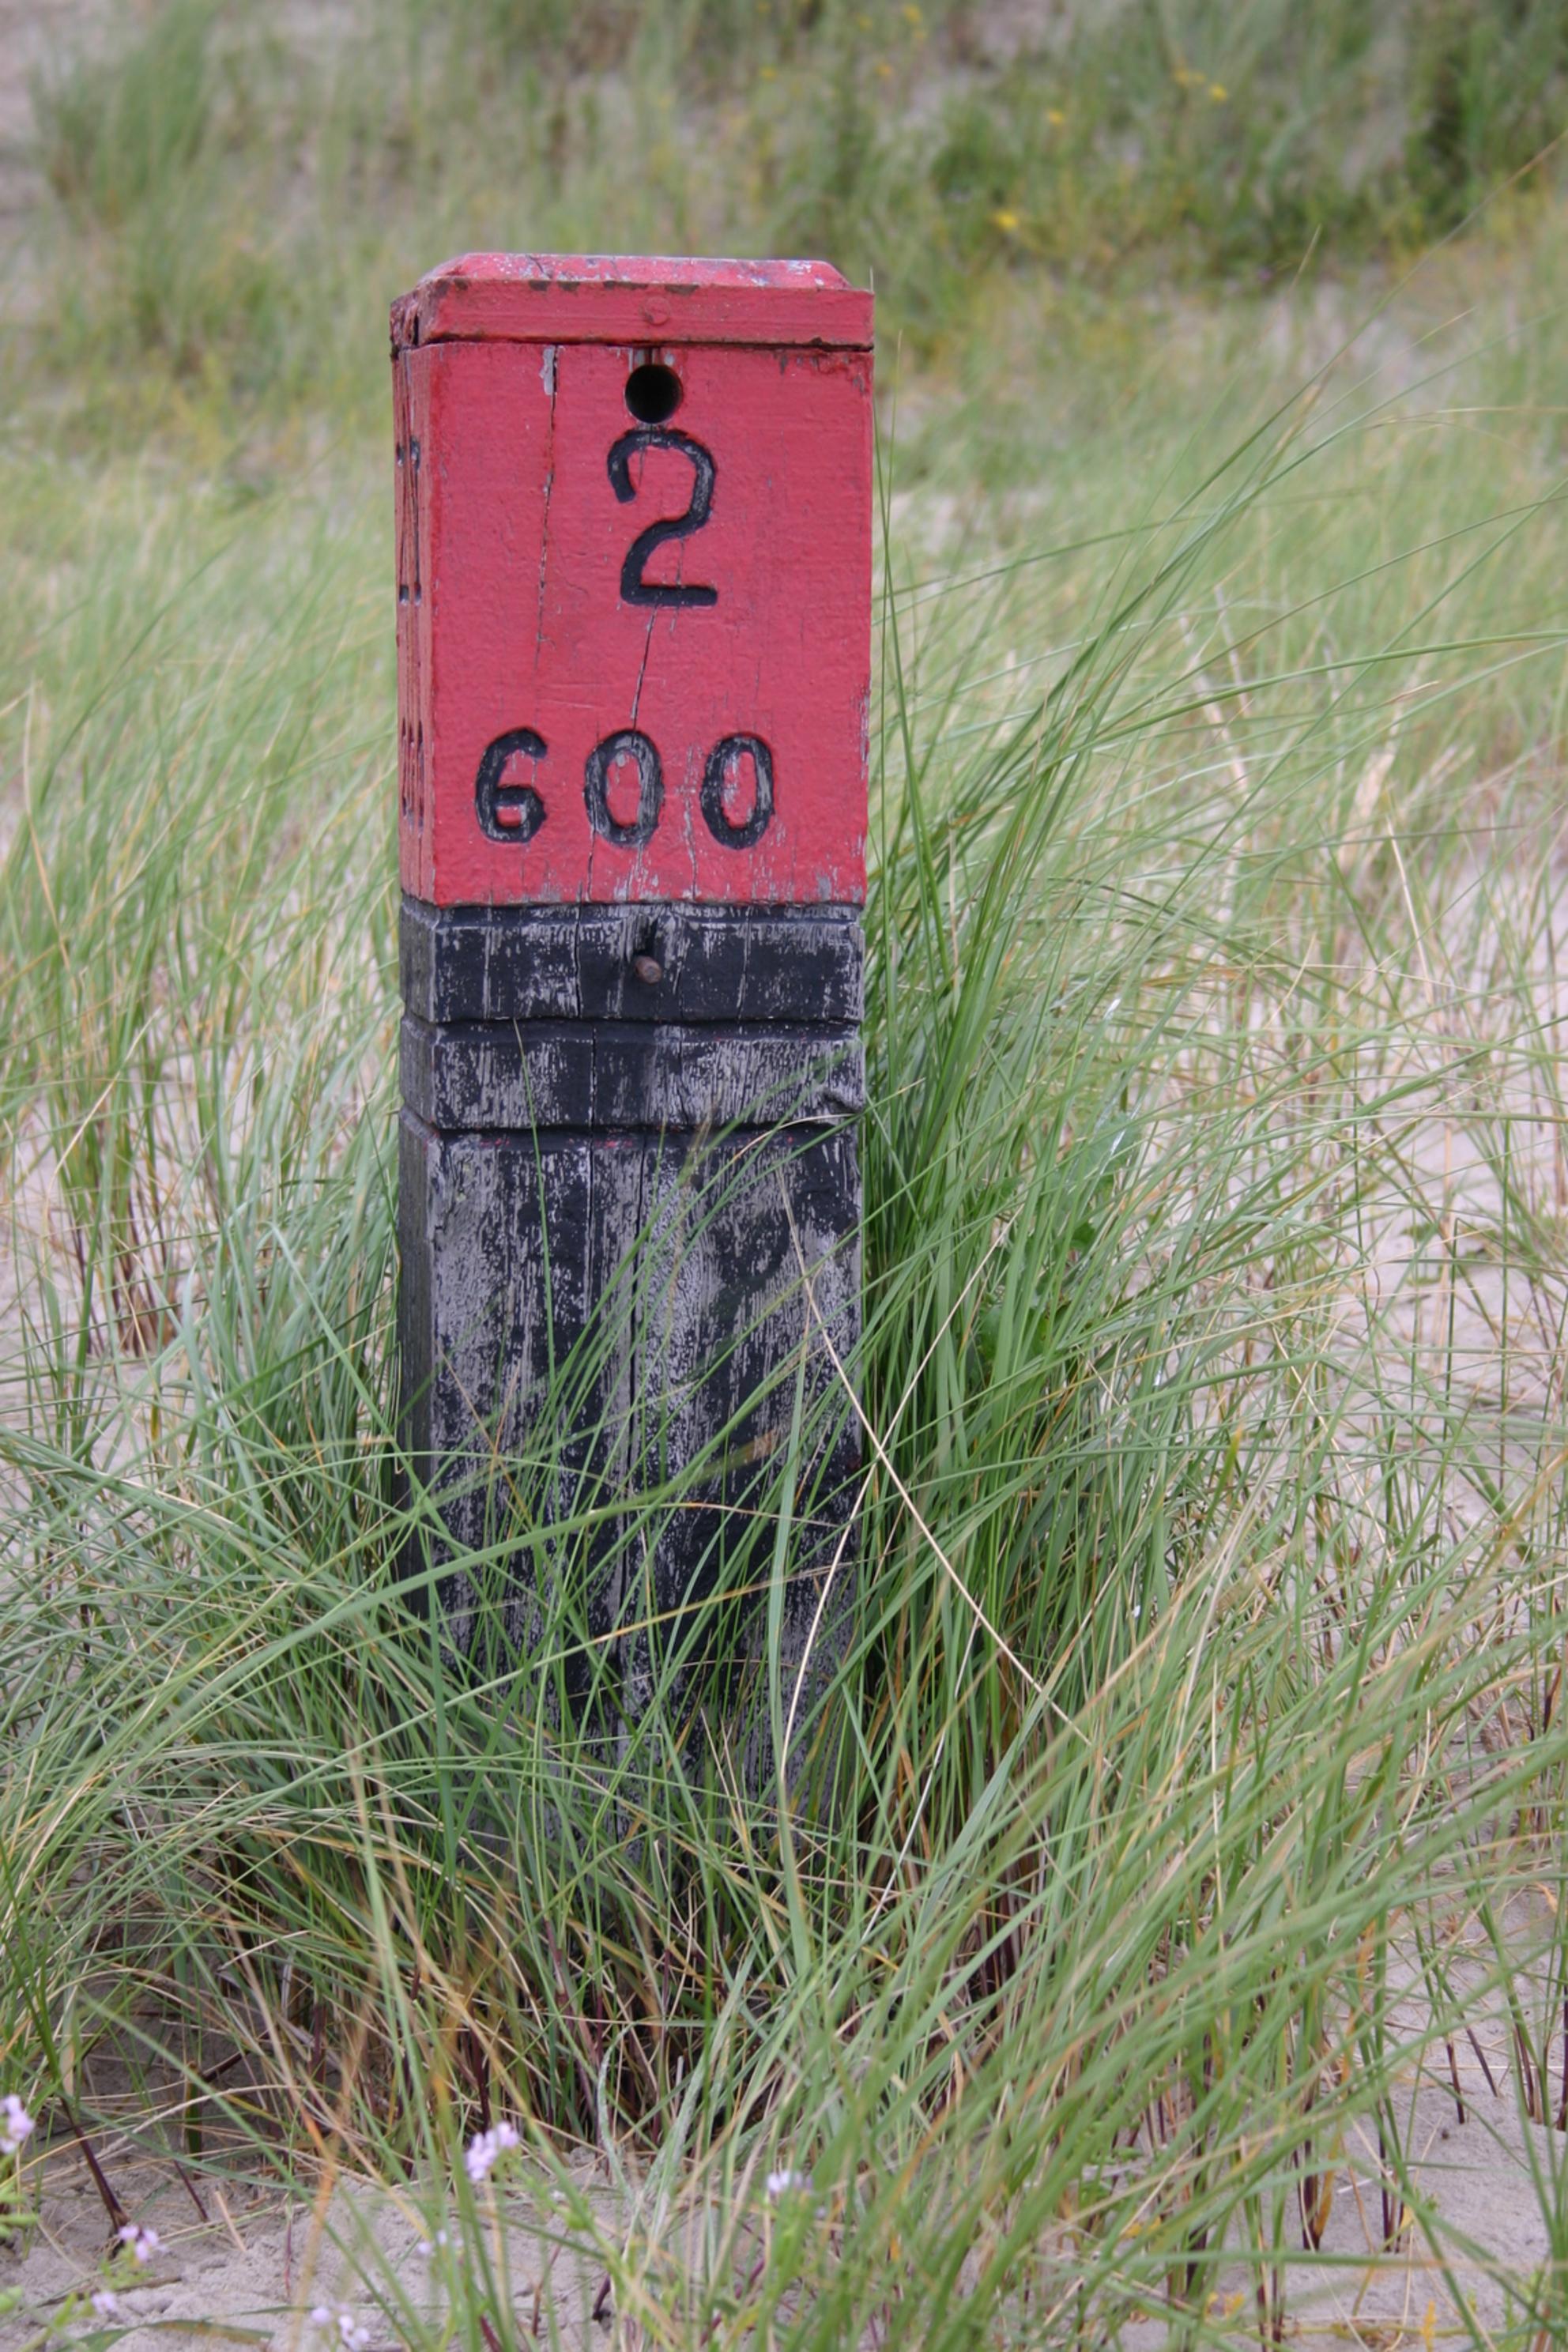 Strandpaal Schiermonnikoog - Strandpaal 2 op Schiermonnikoog, midden in de duinen. - foto door ronaldvdveen op 27-05-2010 - deze foto bevat: duinen, strandpaal, schiermonnikoog